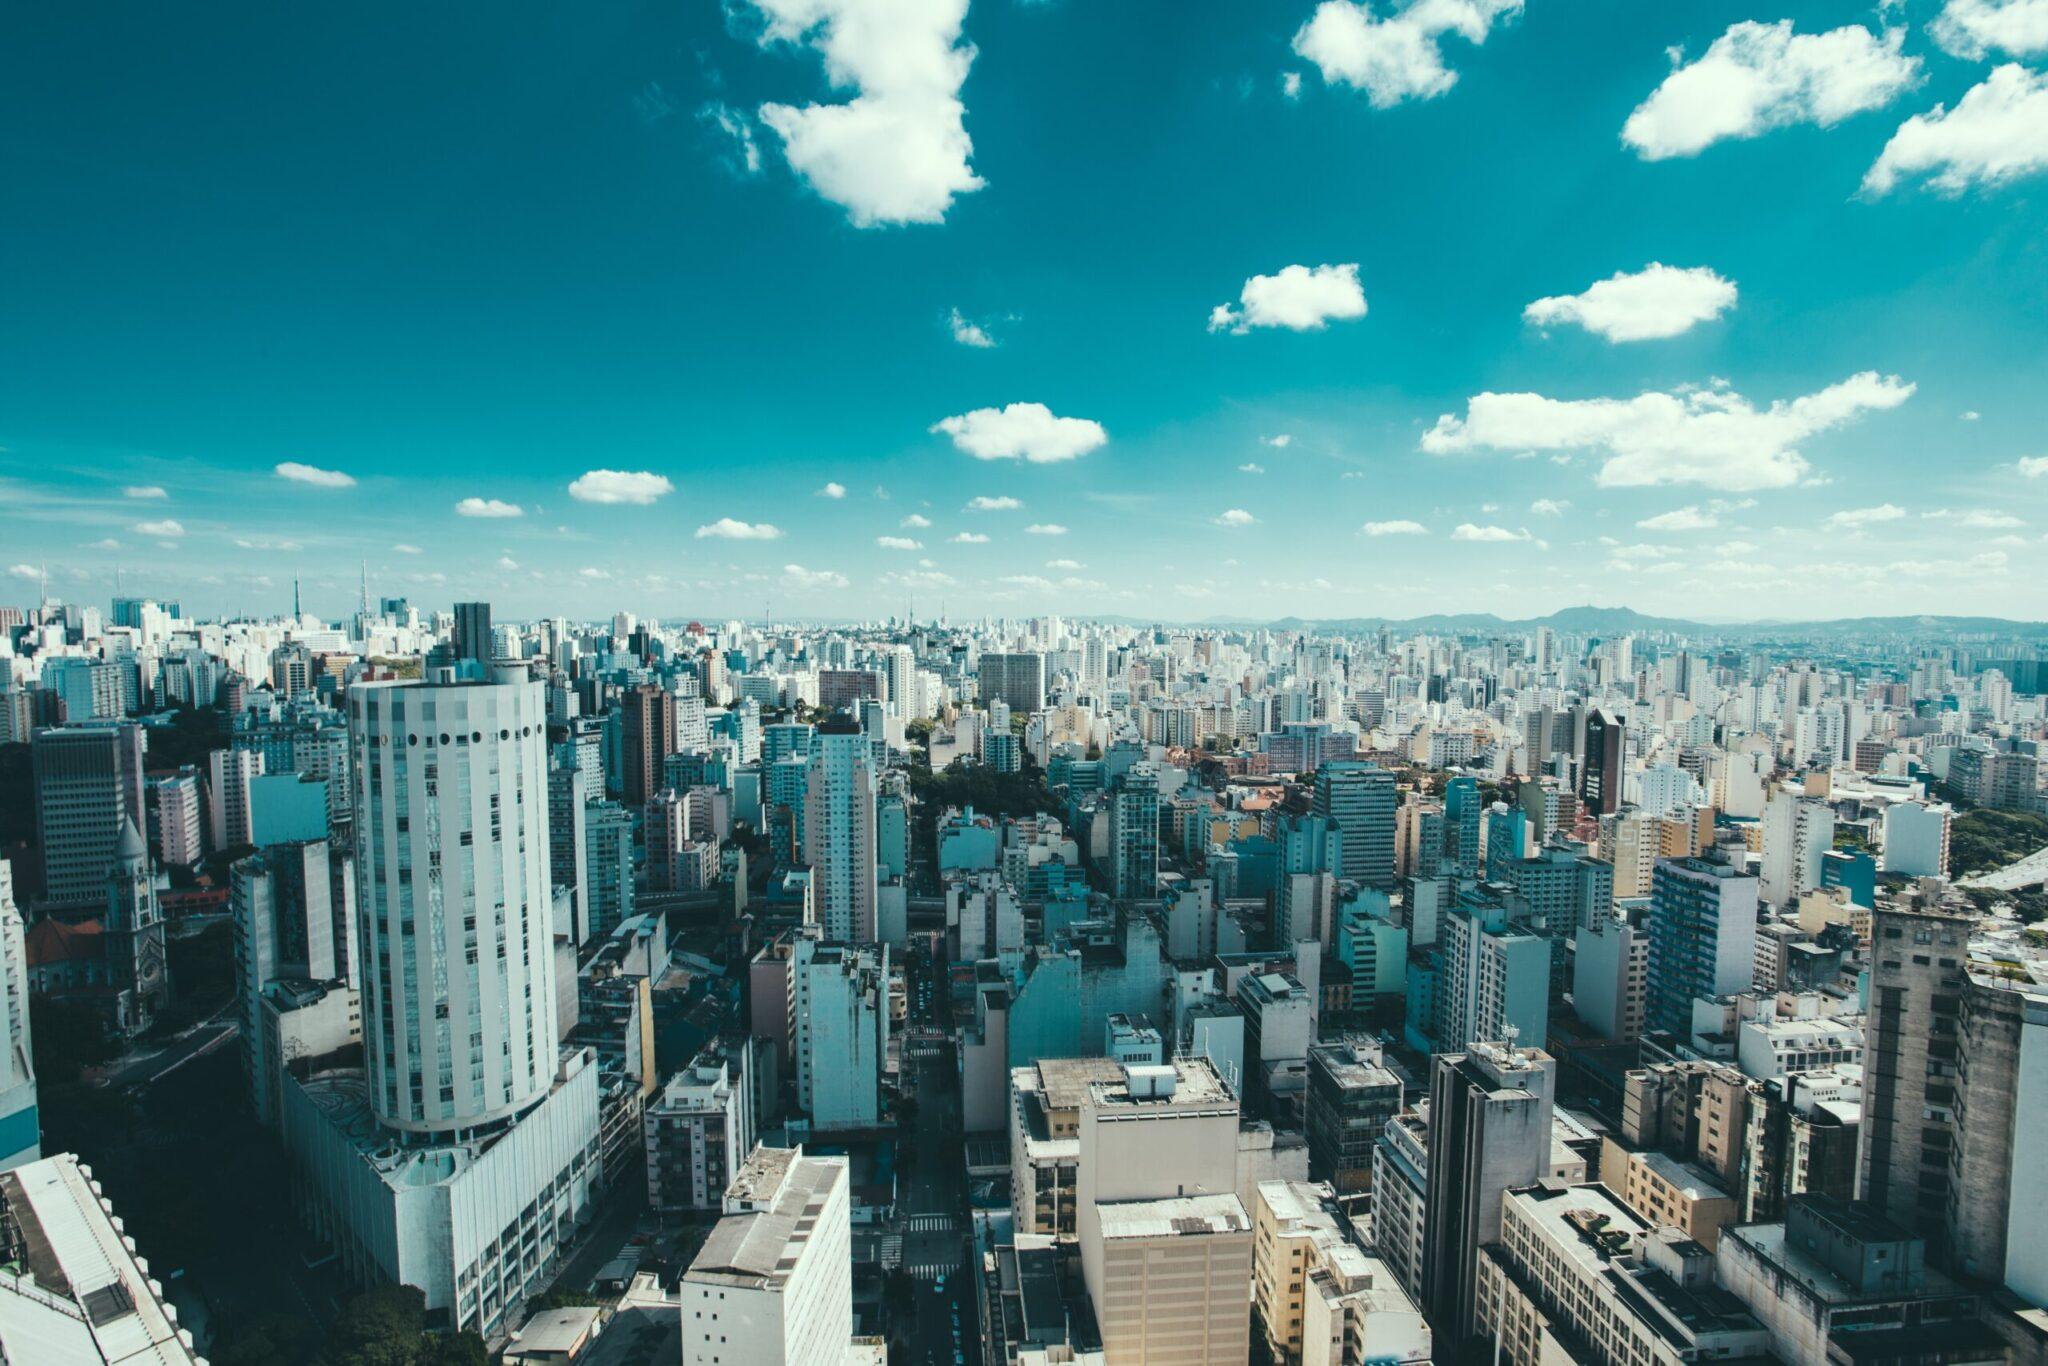 São Paulo, cidade do Brasil, país onde a nova medida provisória foi estabelecida.